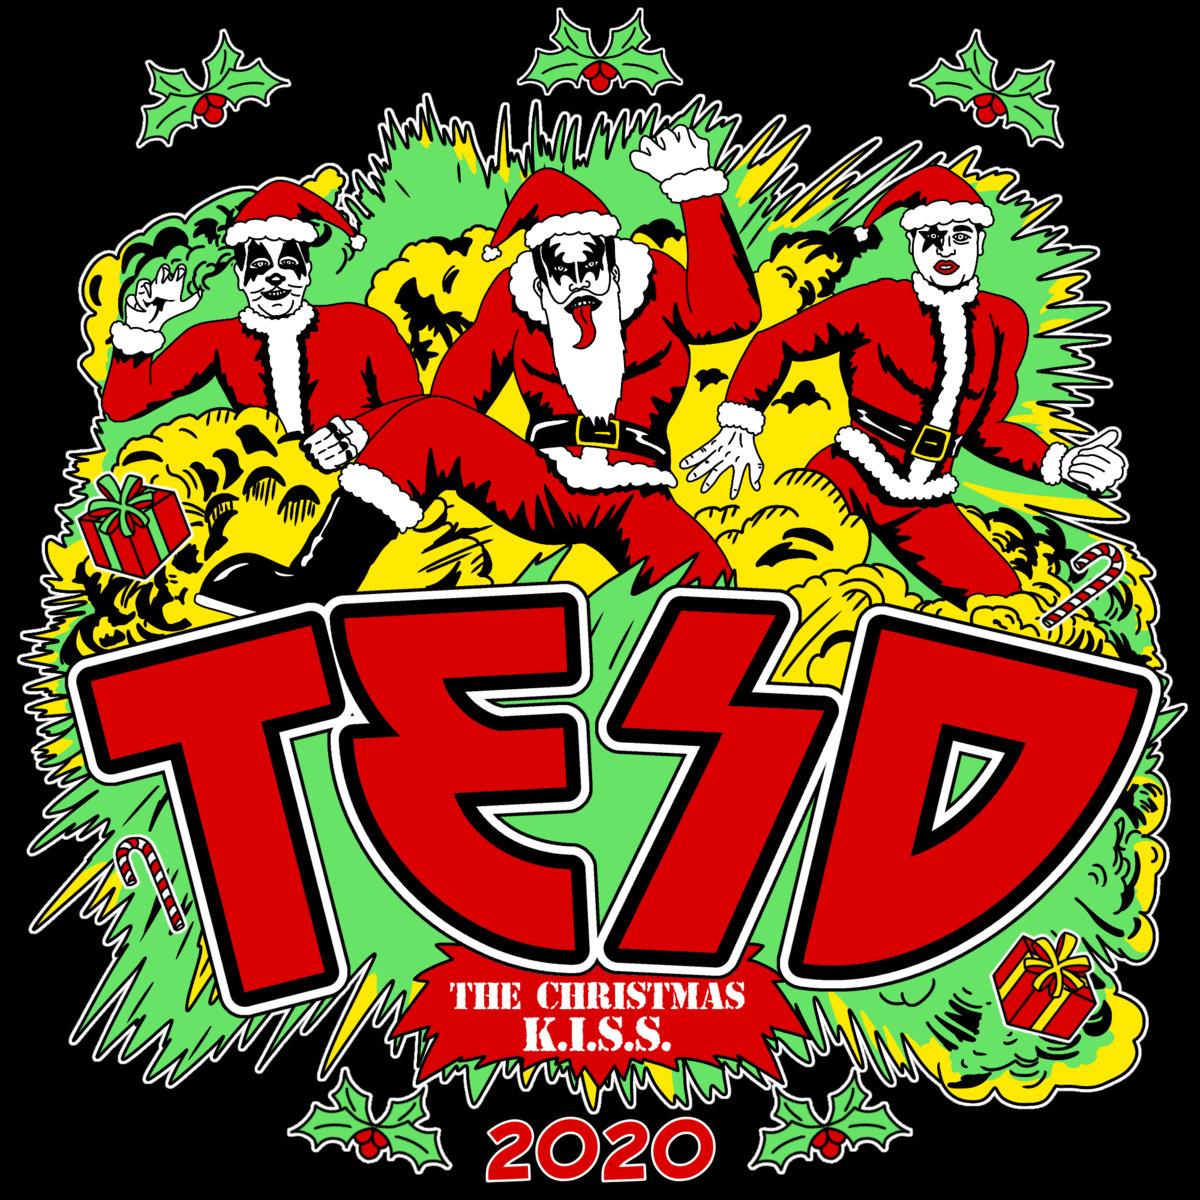 TESD X Mas 2020   Tell 'em Steve Dave